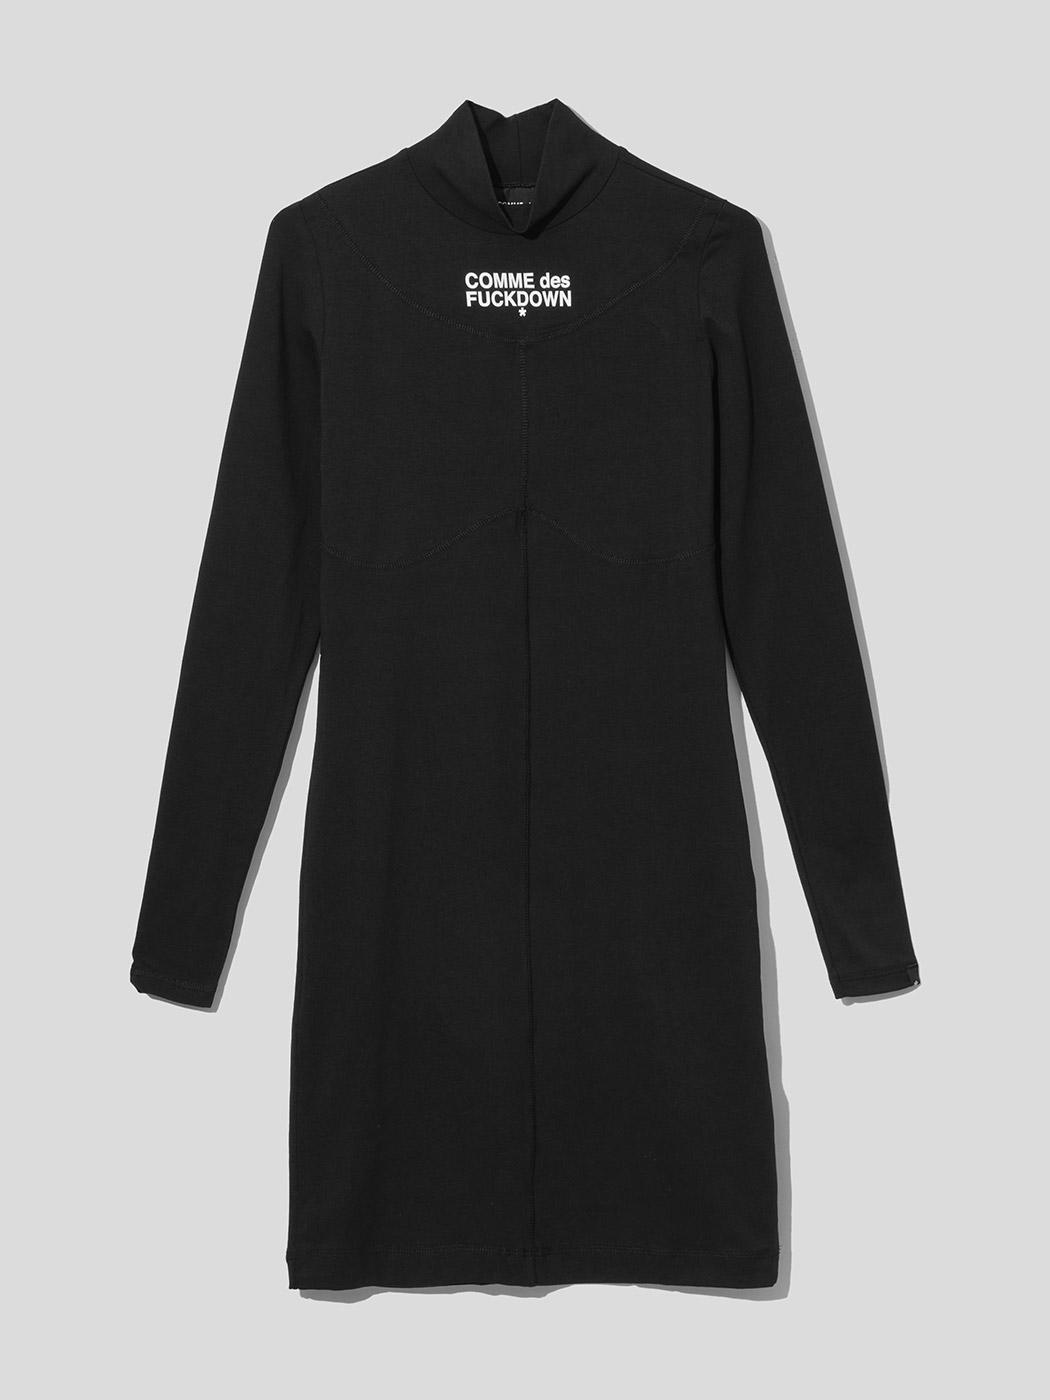 DRESS - CDFD1550 - COMME DES FKDOWN